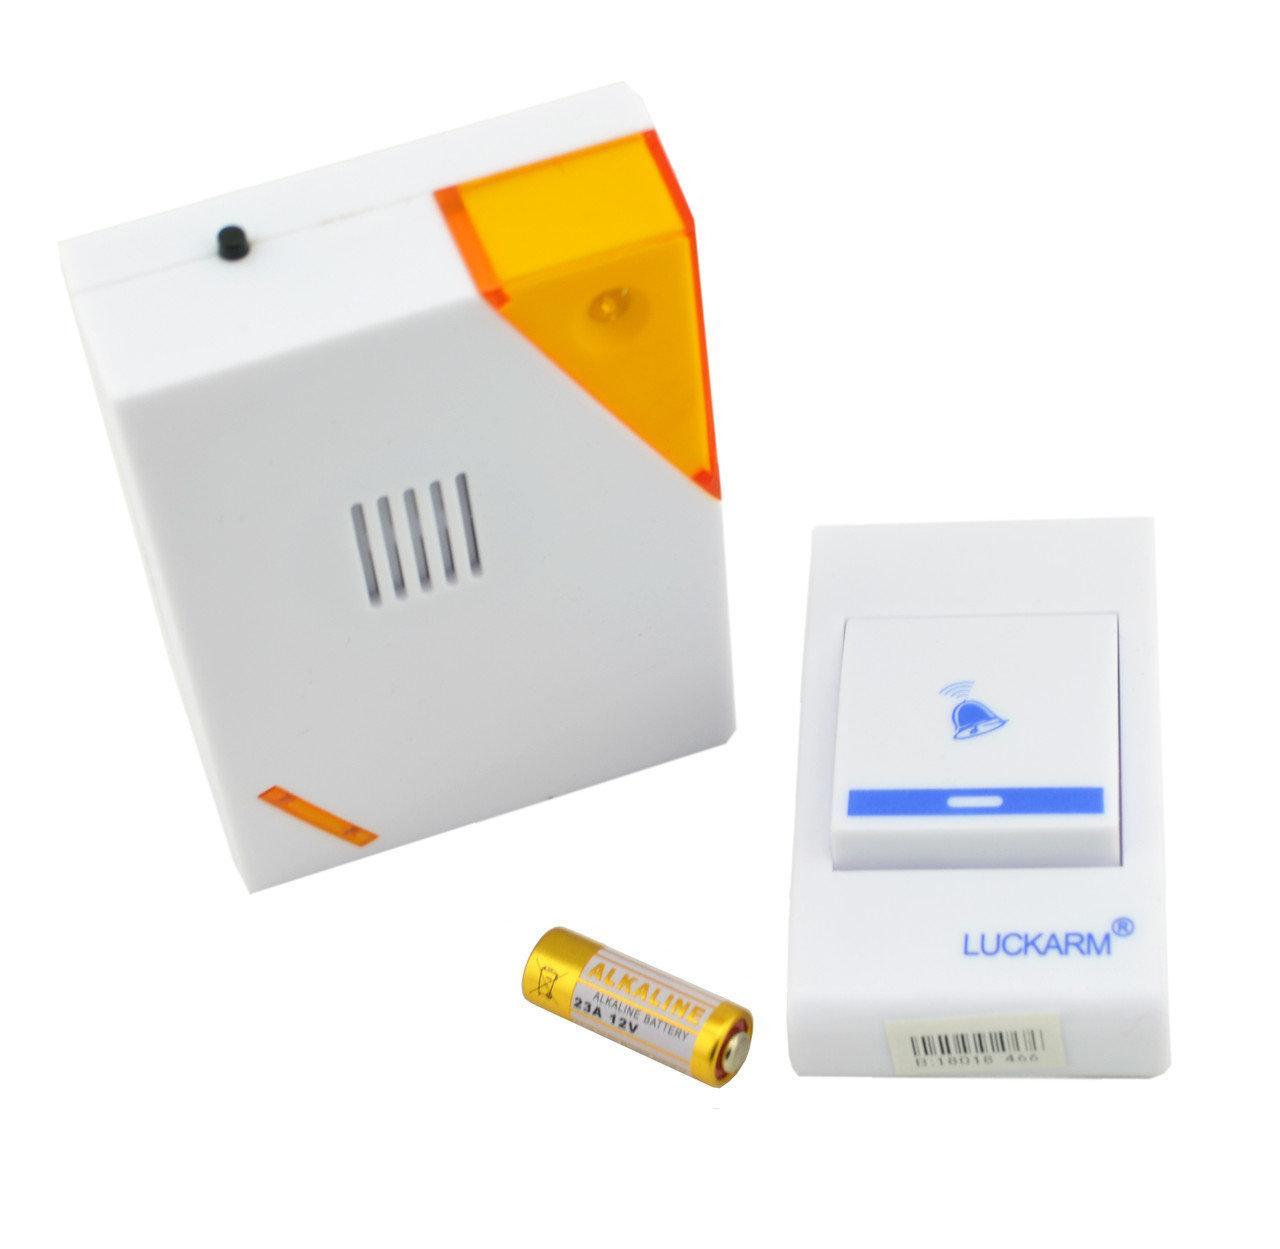 Беспроводной дверной звонок на батарейках Luckarm Intelligent D9688